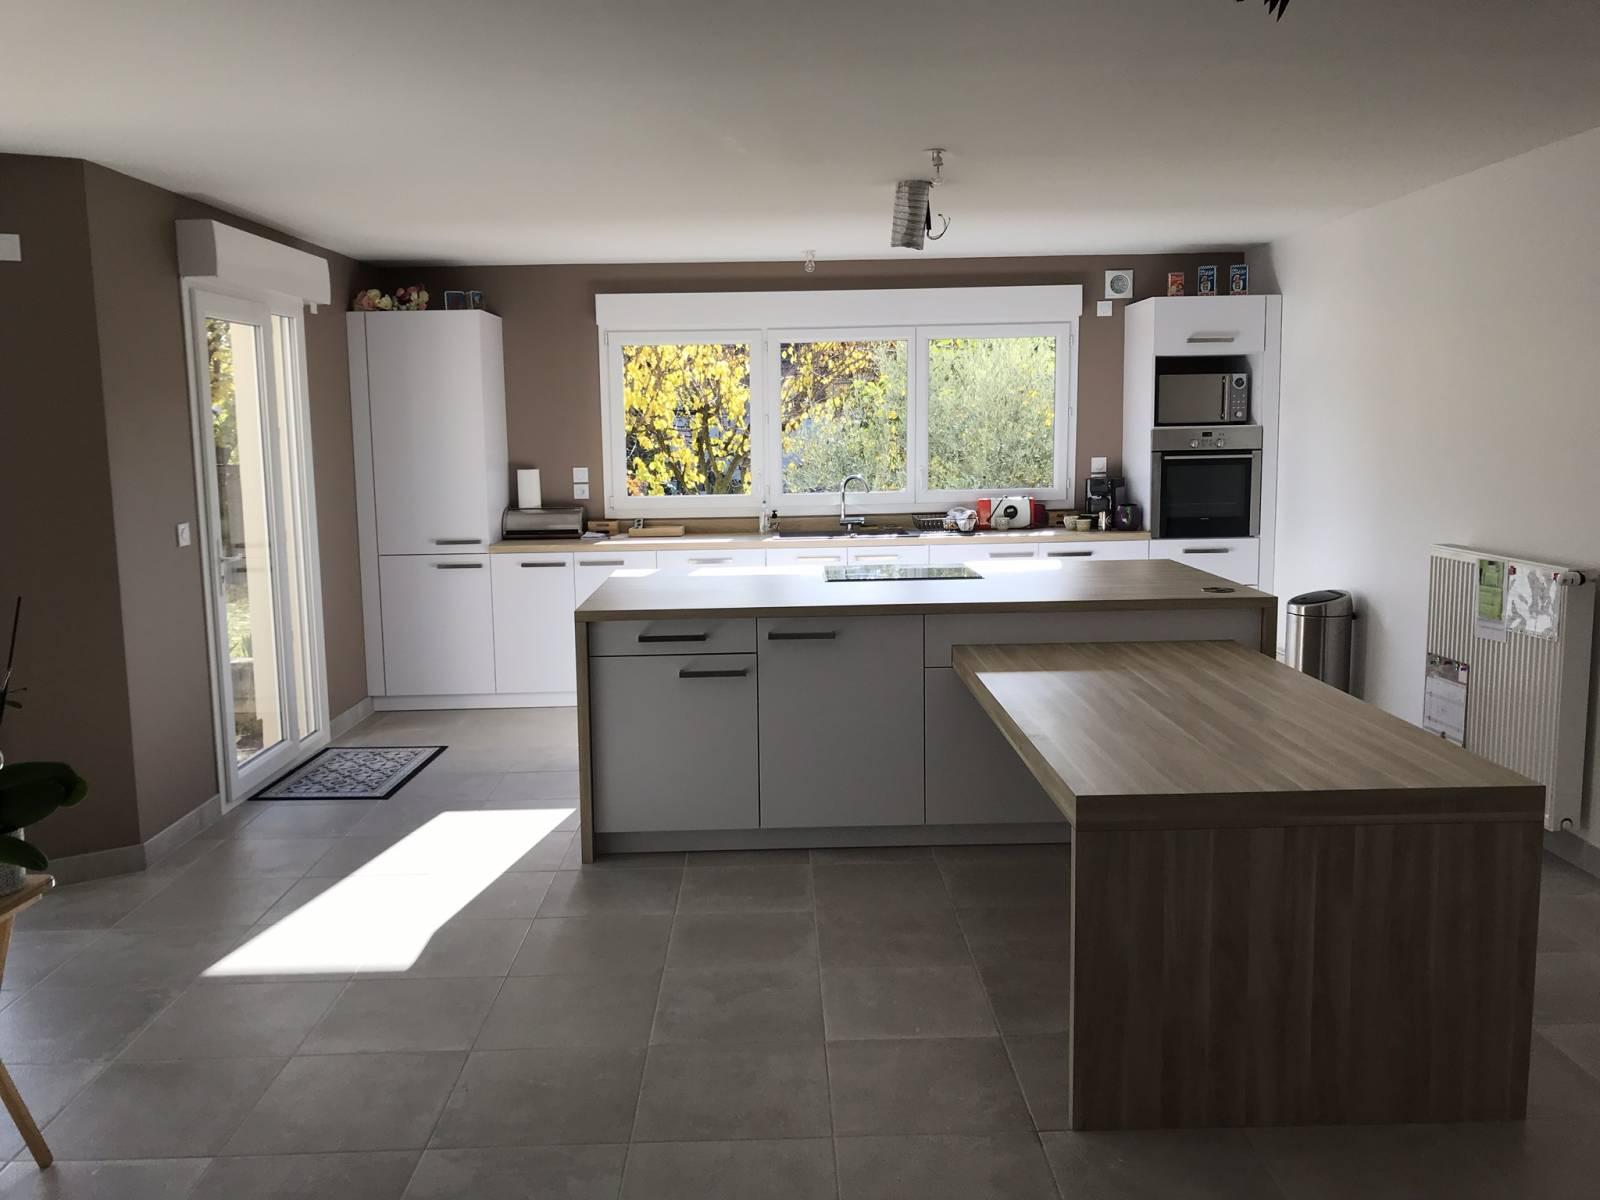 lot de cuisine avec coin repas saint priest cuisiniste haut de gamme lyon am nagement. Black Bedroom Furniture Sets. Home Design Ideas